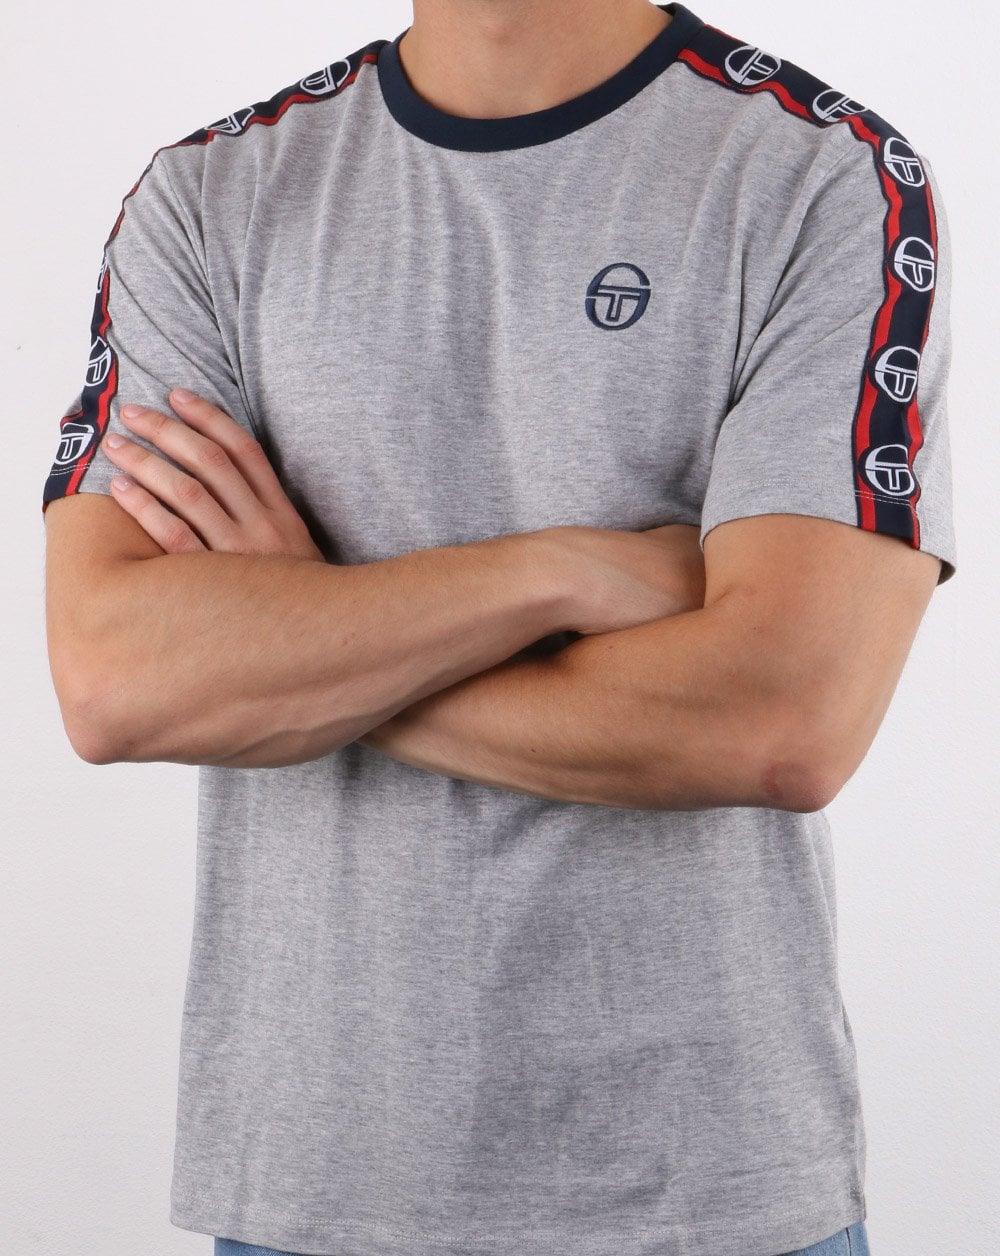 Sergio Tacchini Mens Dahoma Crew Neck T-Shirt Grey Melange//Navy Size Large